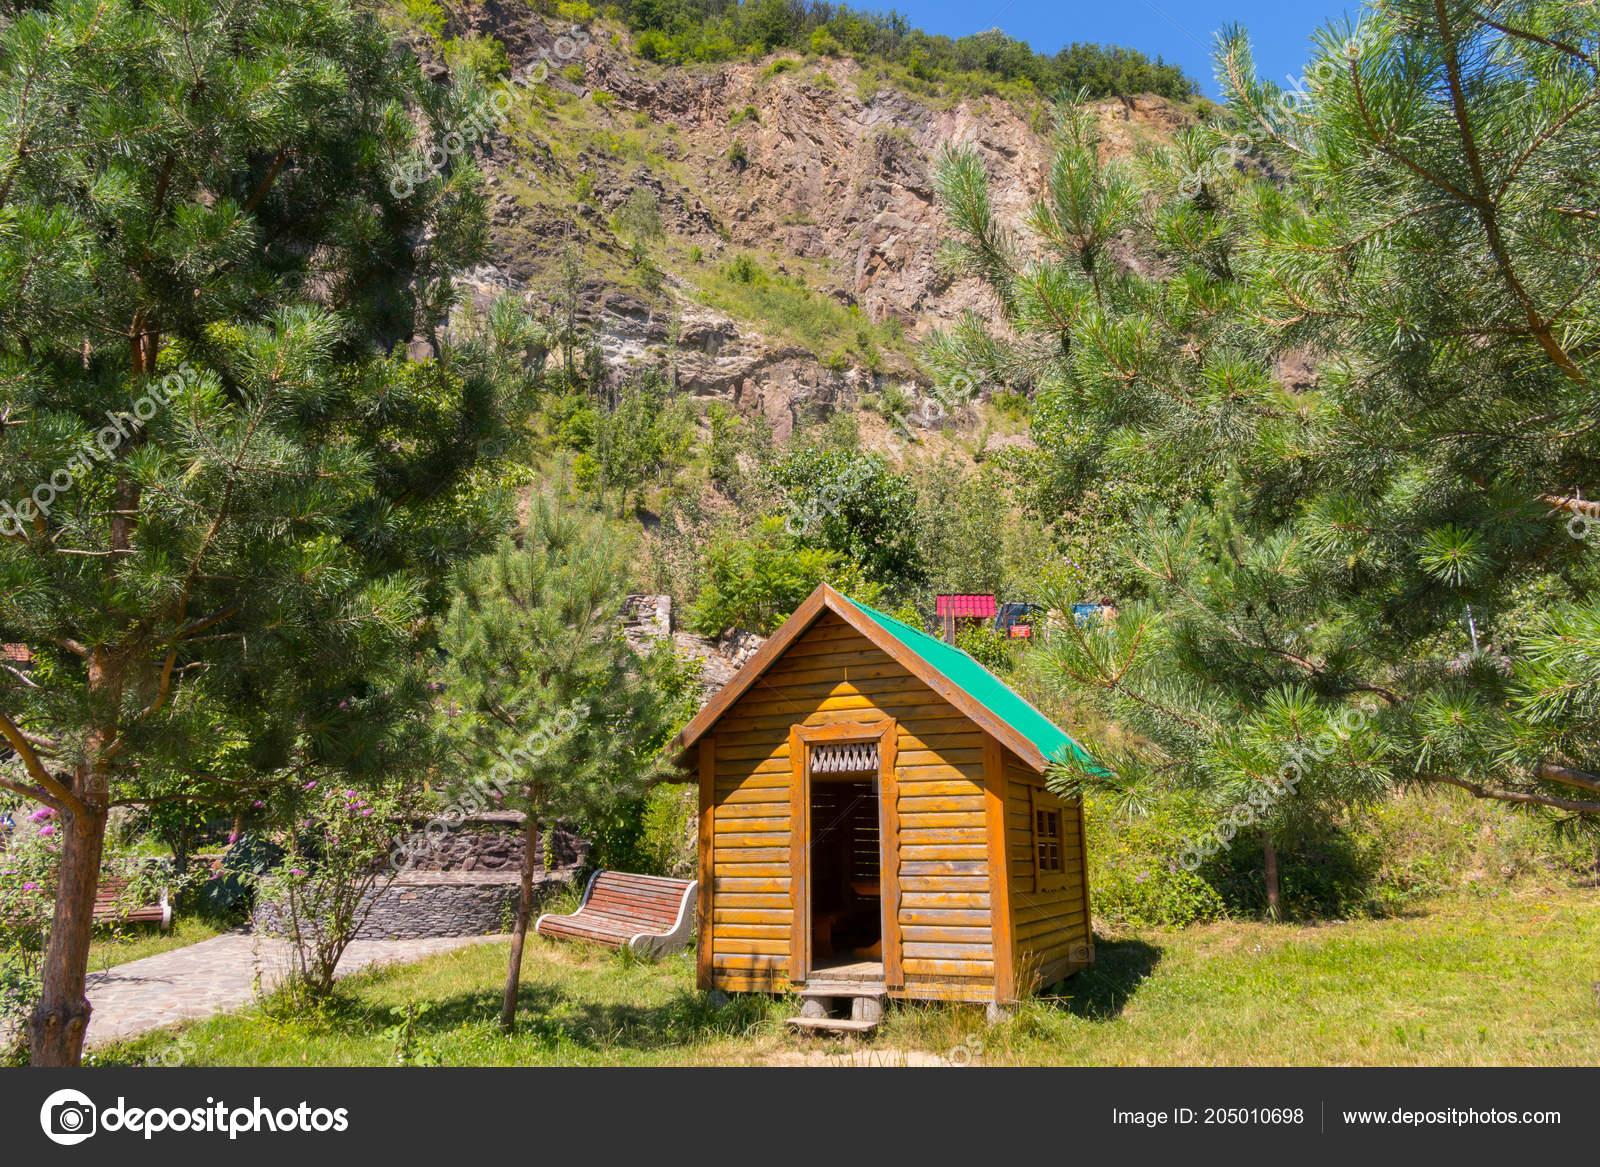 Ein Kleines Holzhaus Mit Einem Grunen Dach Auf Dem